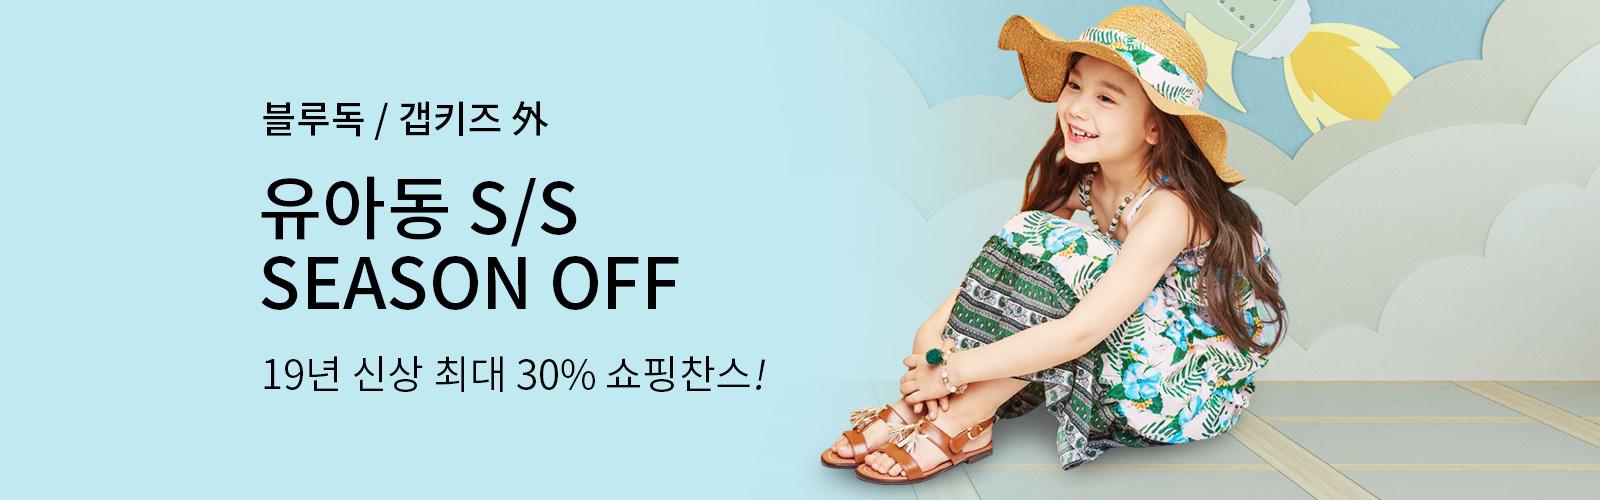 블루독 갭키즈 외 유아동 S/S SEASON OFF 19년 신상 최대 30% 쇼핑찬스